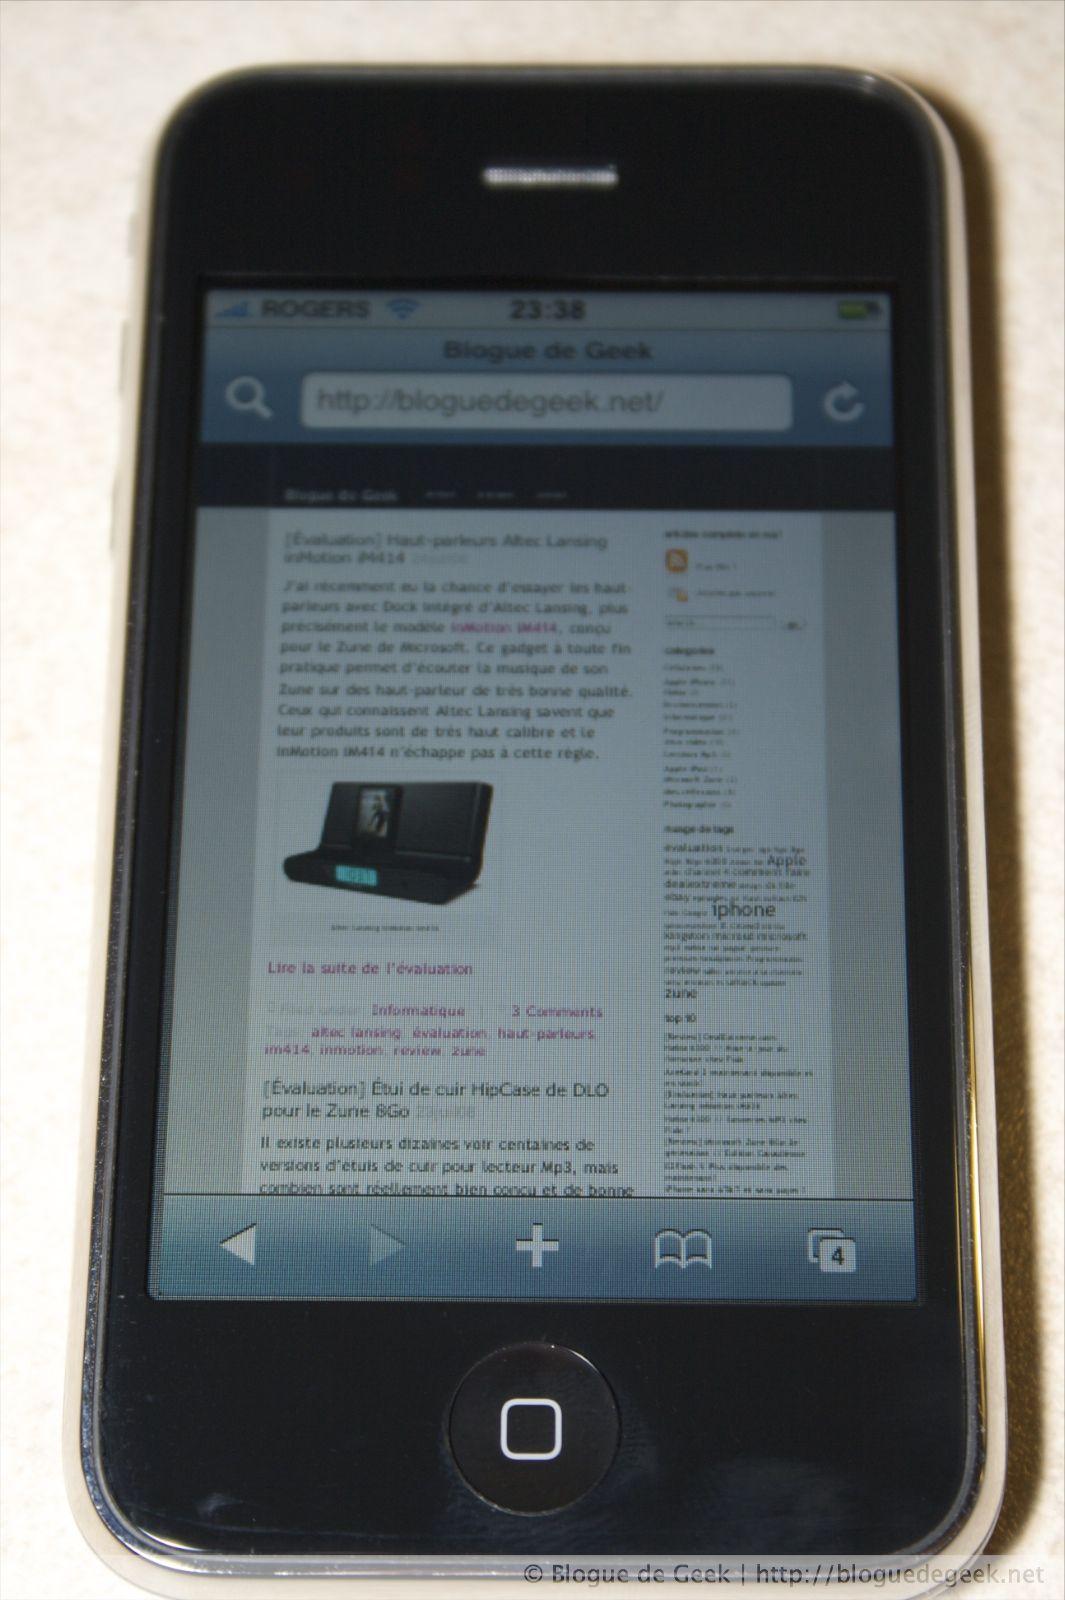 img 261812 - iPhone 3G avec Rogers au Canada [Évaluation]